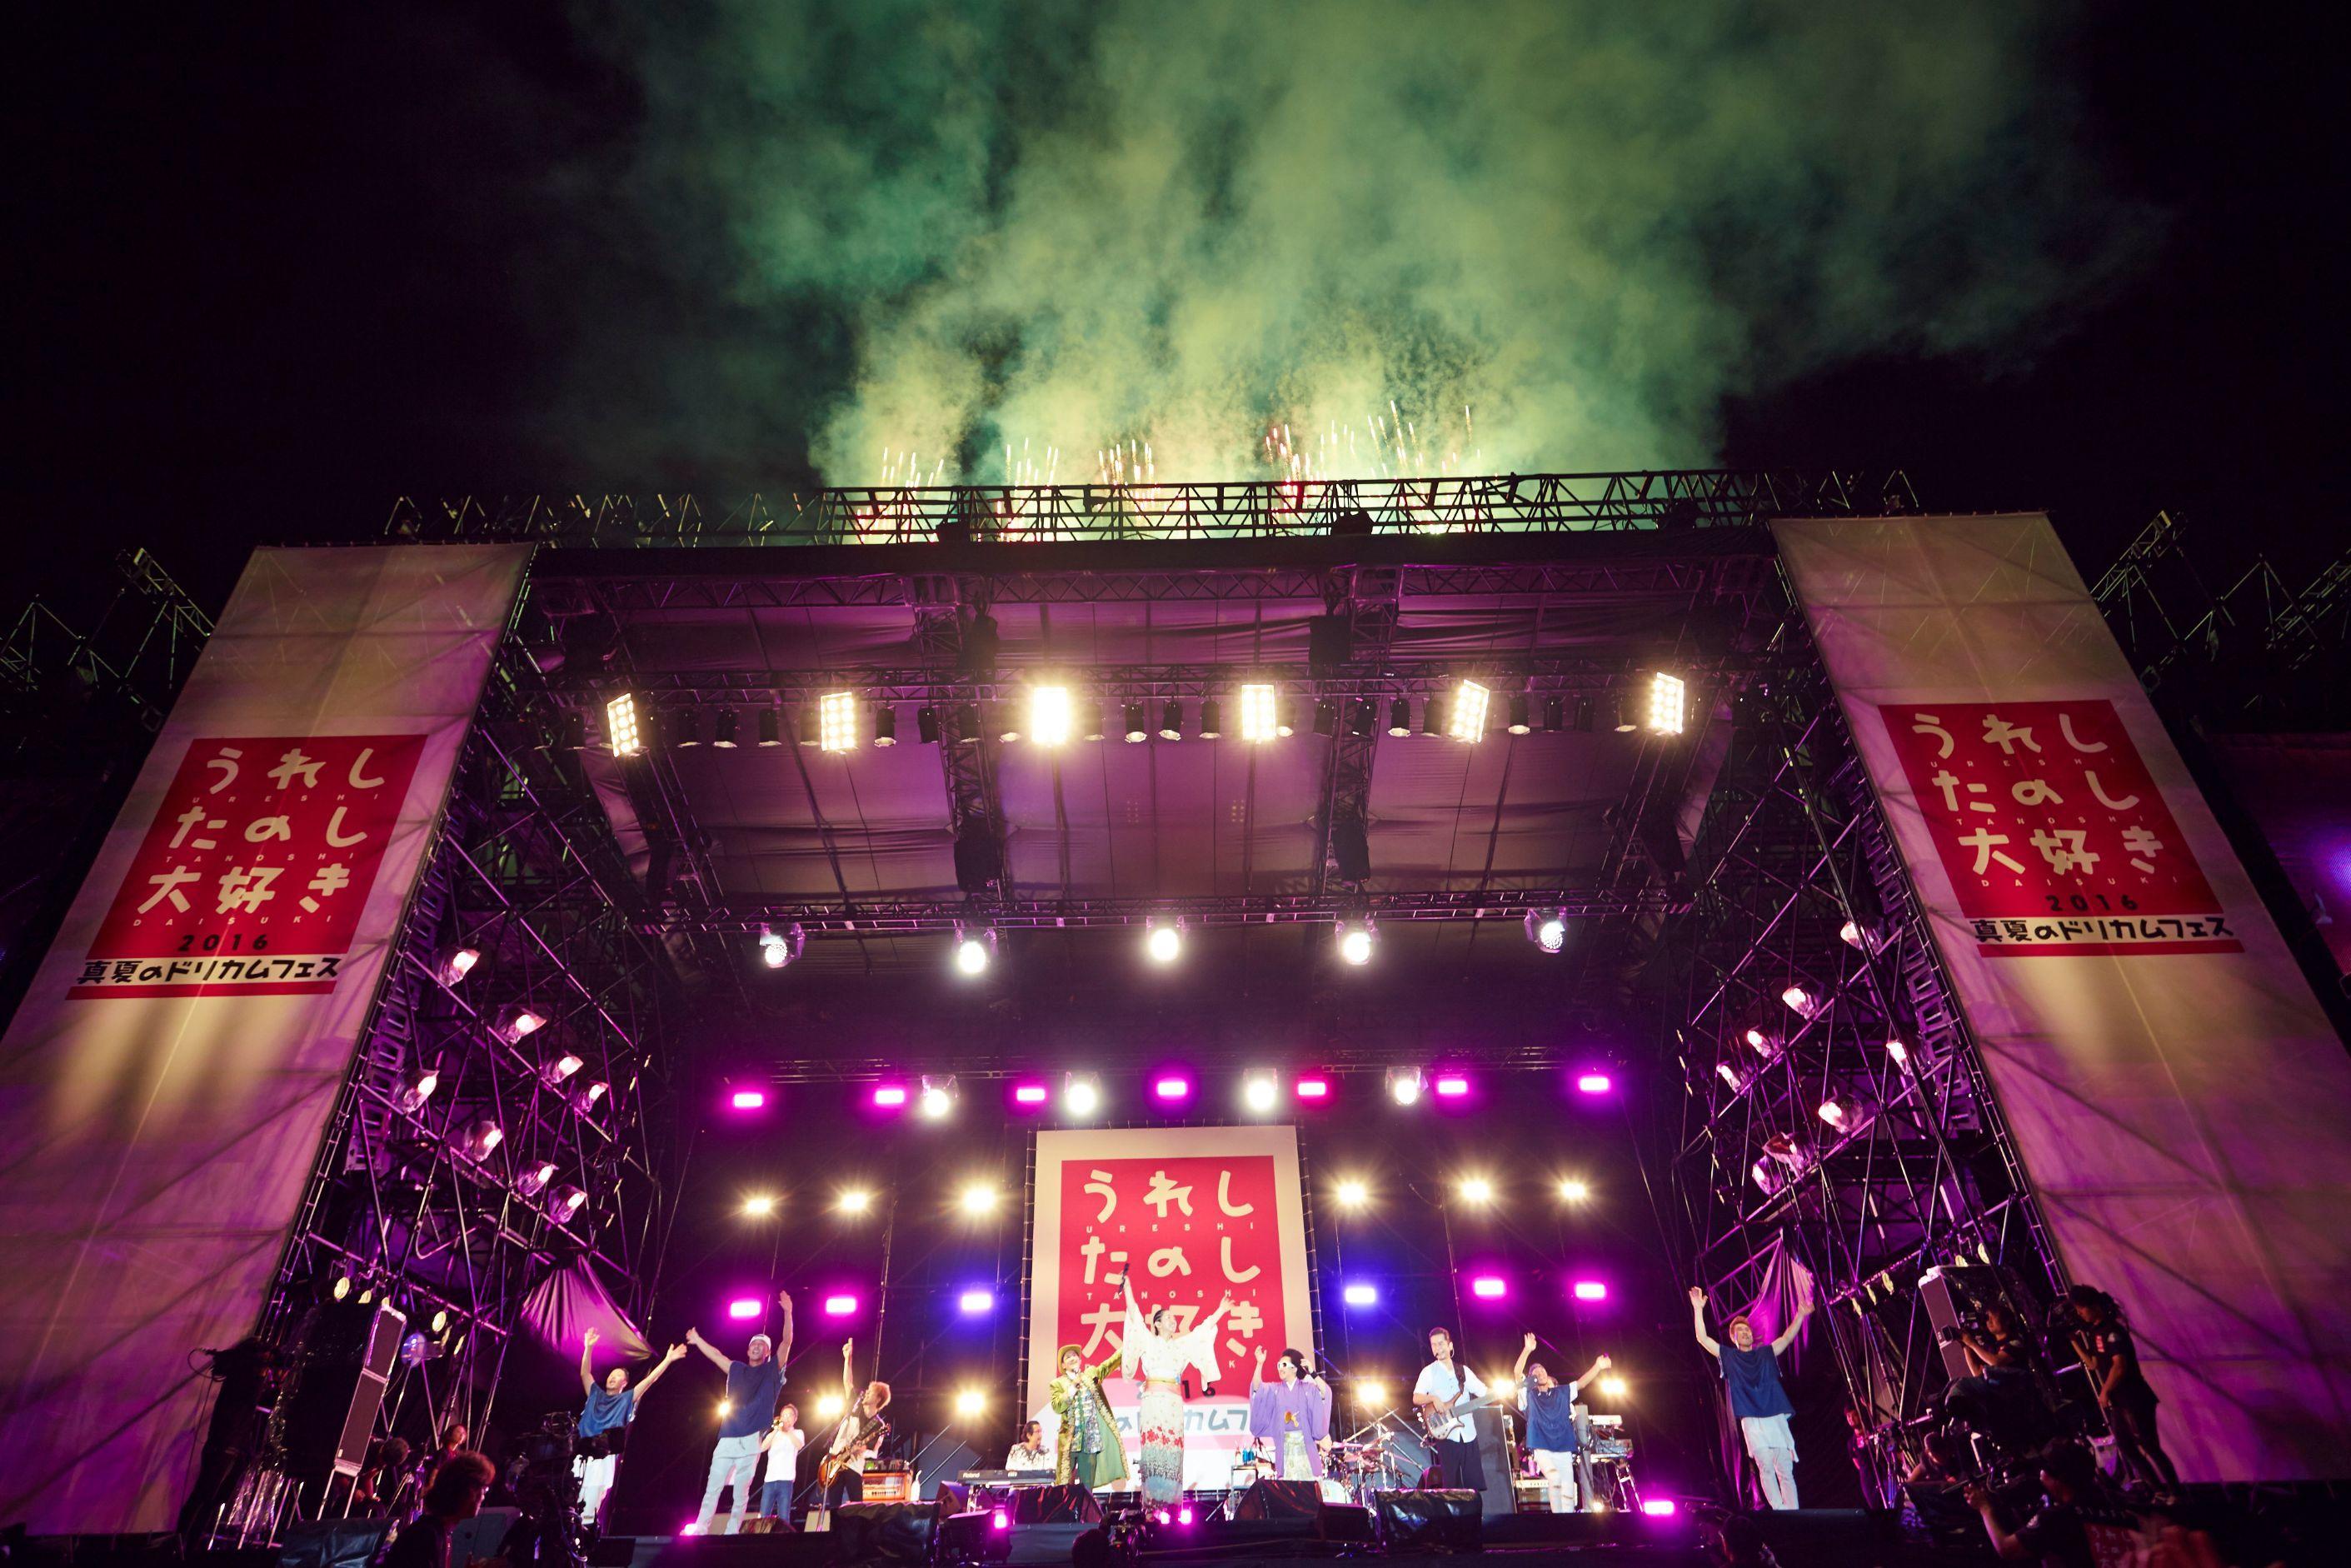 『うれしたのし大好き2016 〜真夏のドリカムフェス〜』 Photo:植松千波 / 橋本塁(SOUND SHOOTER)